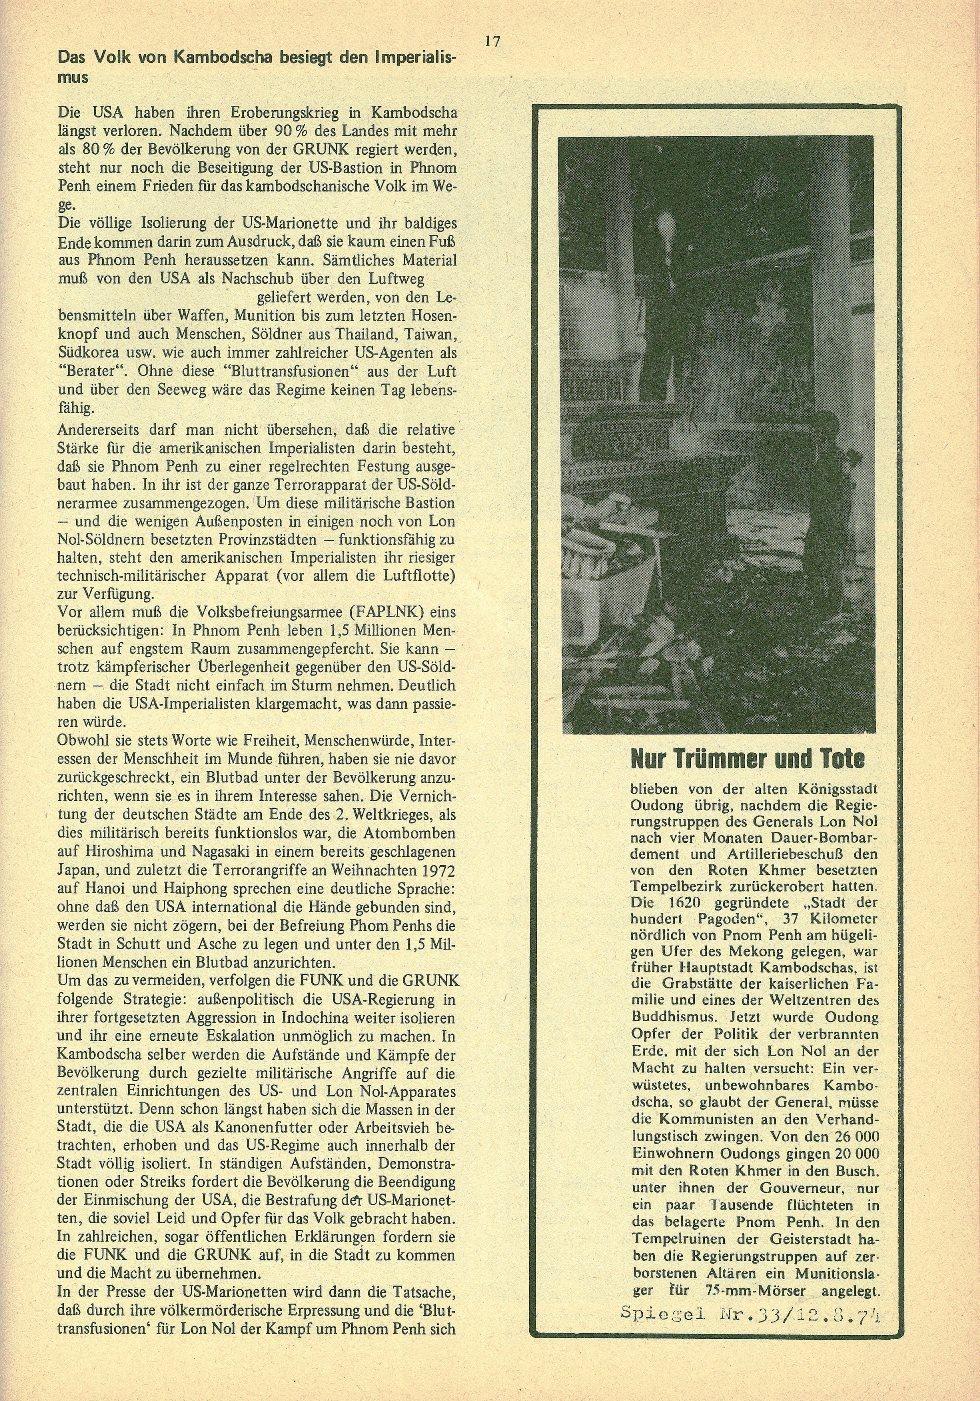 Kambodscha_1974_Das_Volk_besiegt_den_Imperialismus017